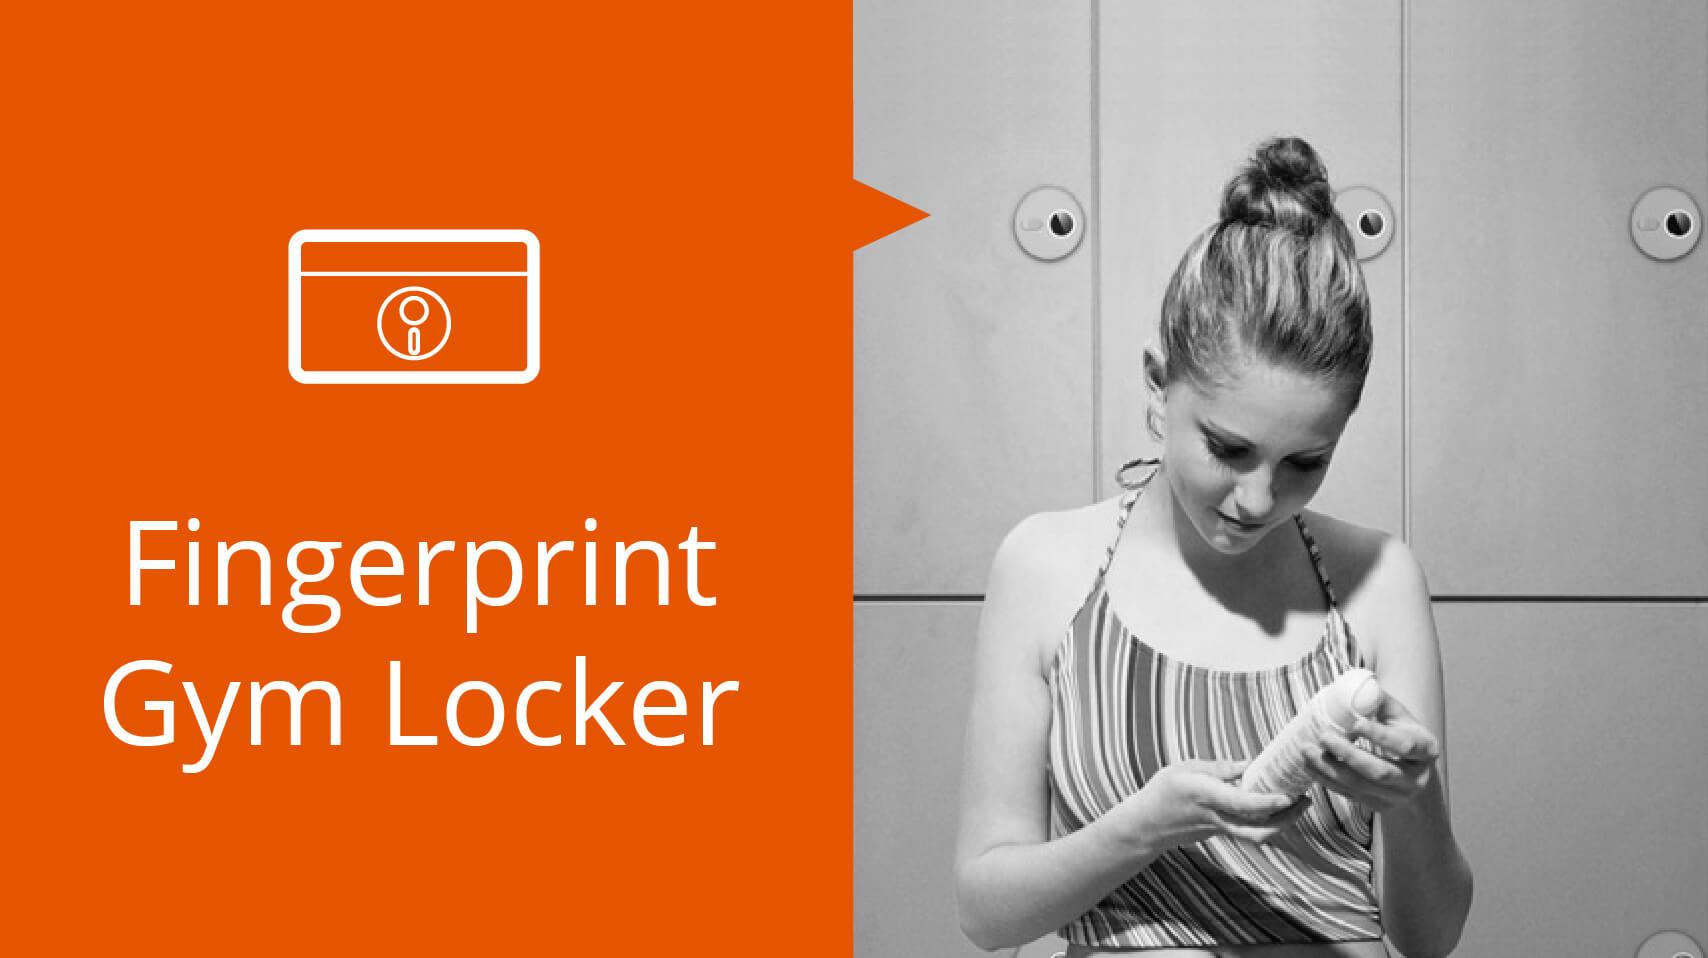 Fingerprint GYM Locker